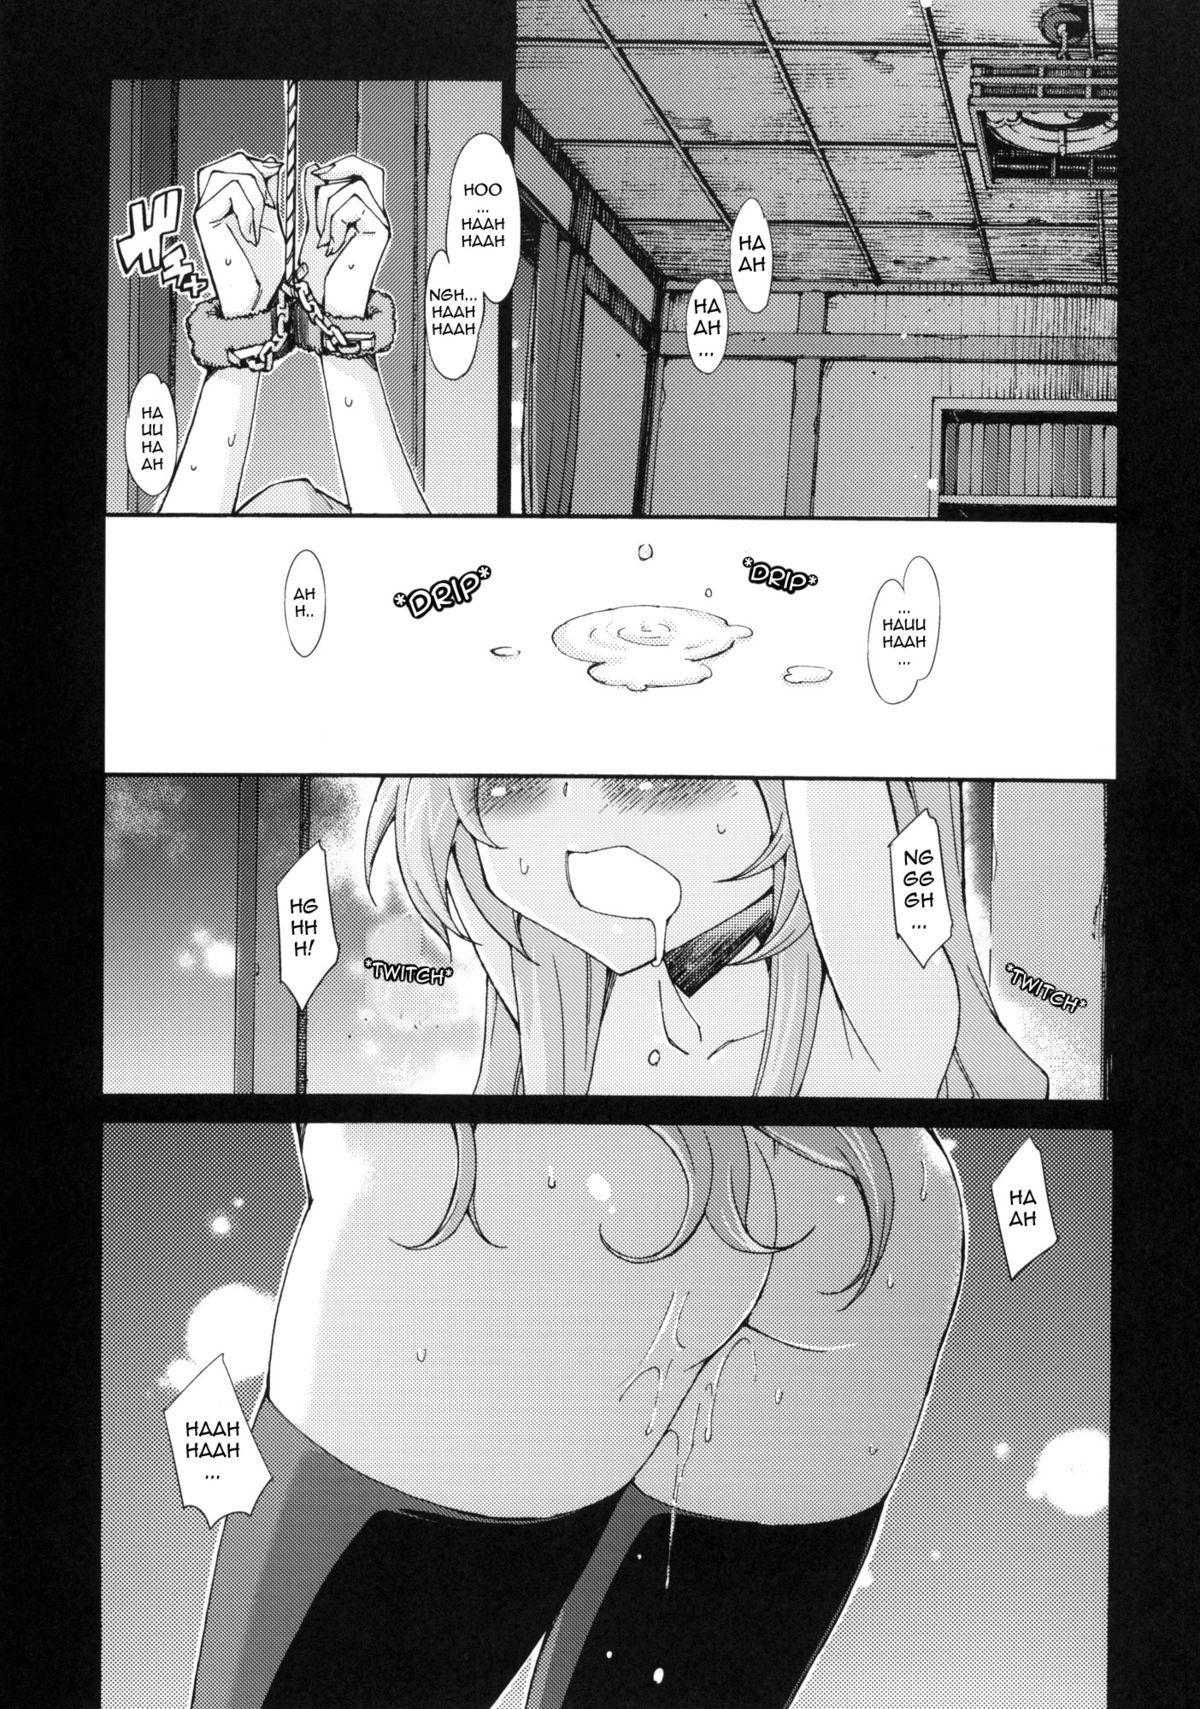 Taiga no Jouzu na Shitsukekata 1